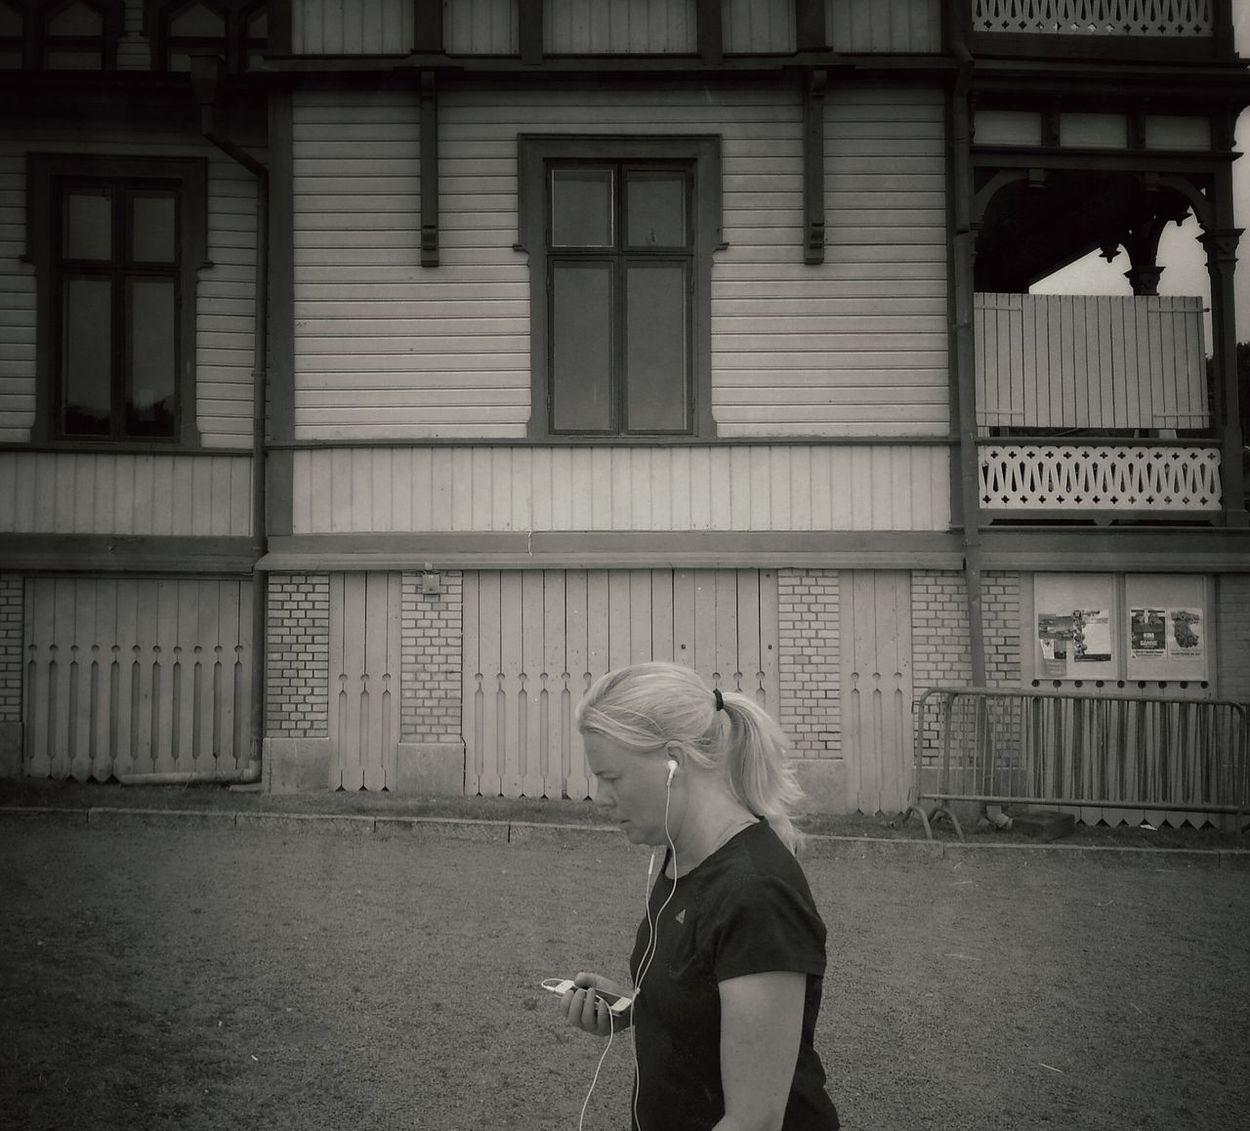 Street Life Streetphotography Facedown_generation Summer Girls Streetphotos